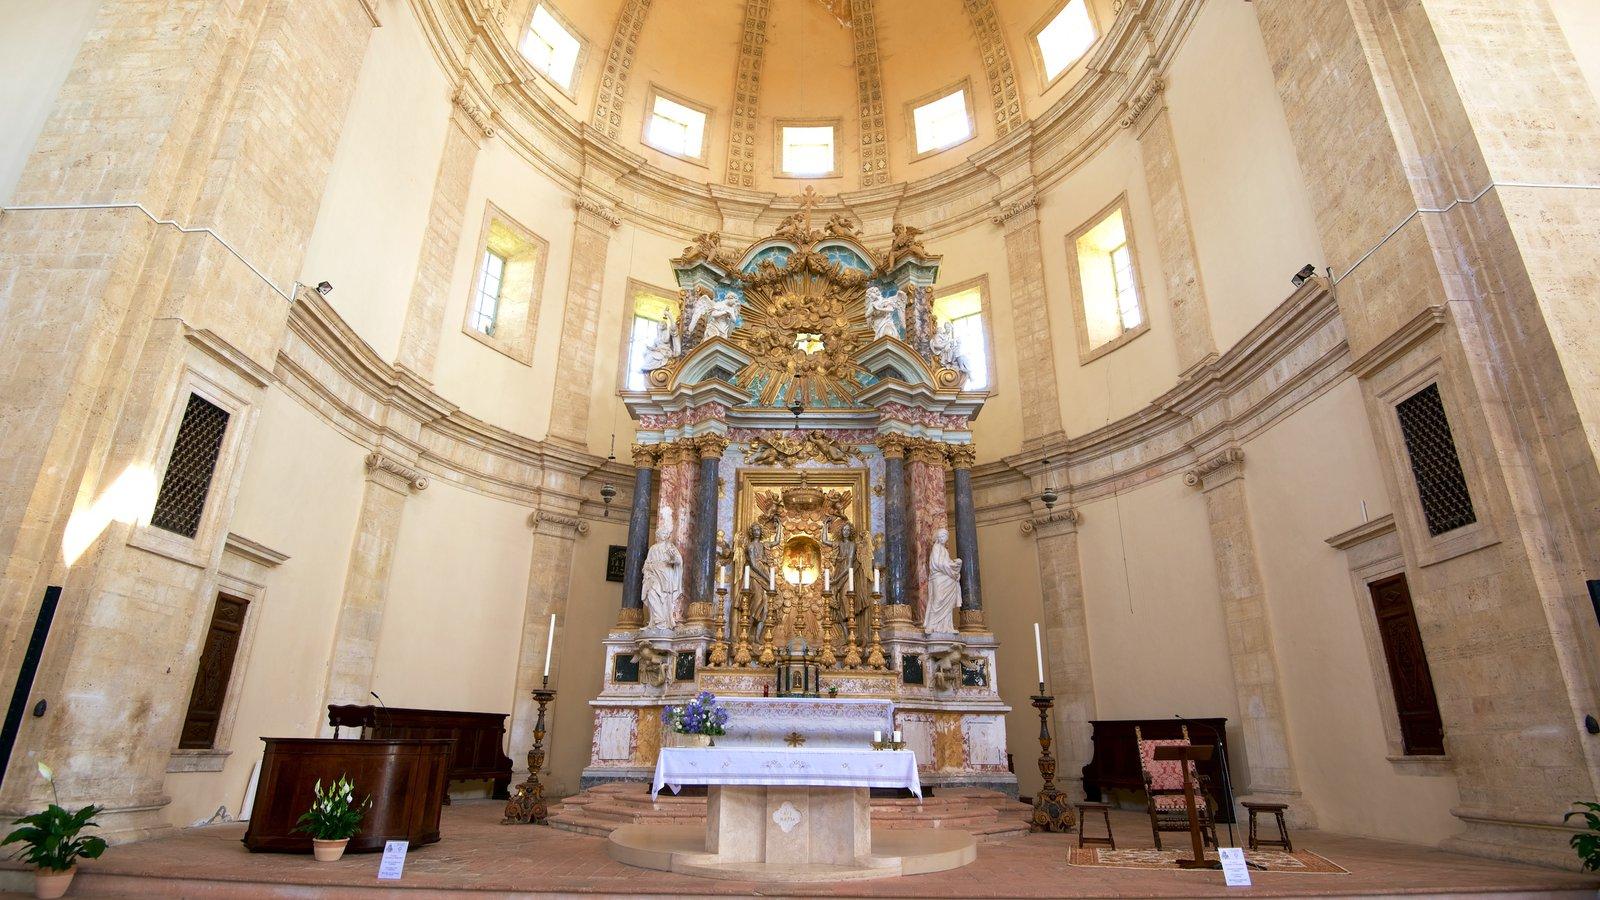 Santa Maria della Consolazione mostrando patrimonio de arquitectura, aspectos religiosos y vistas interiores